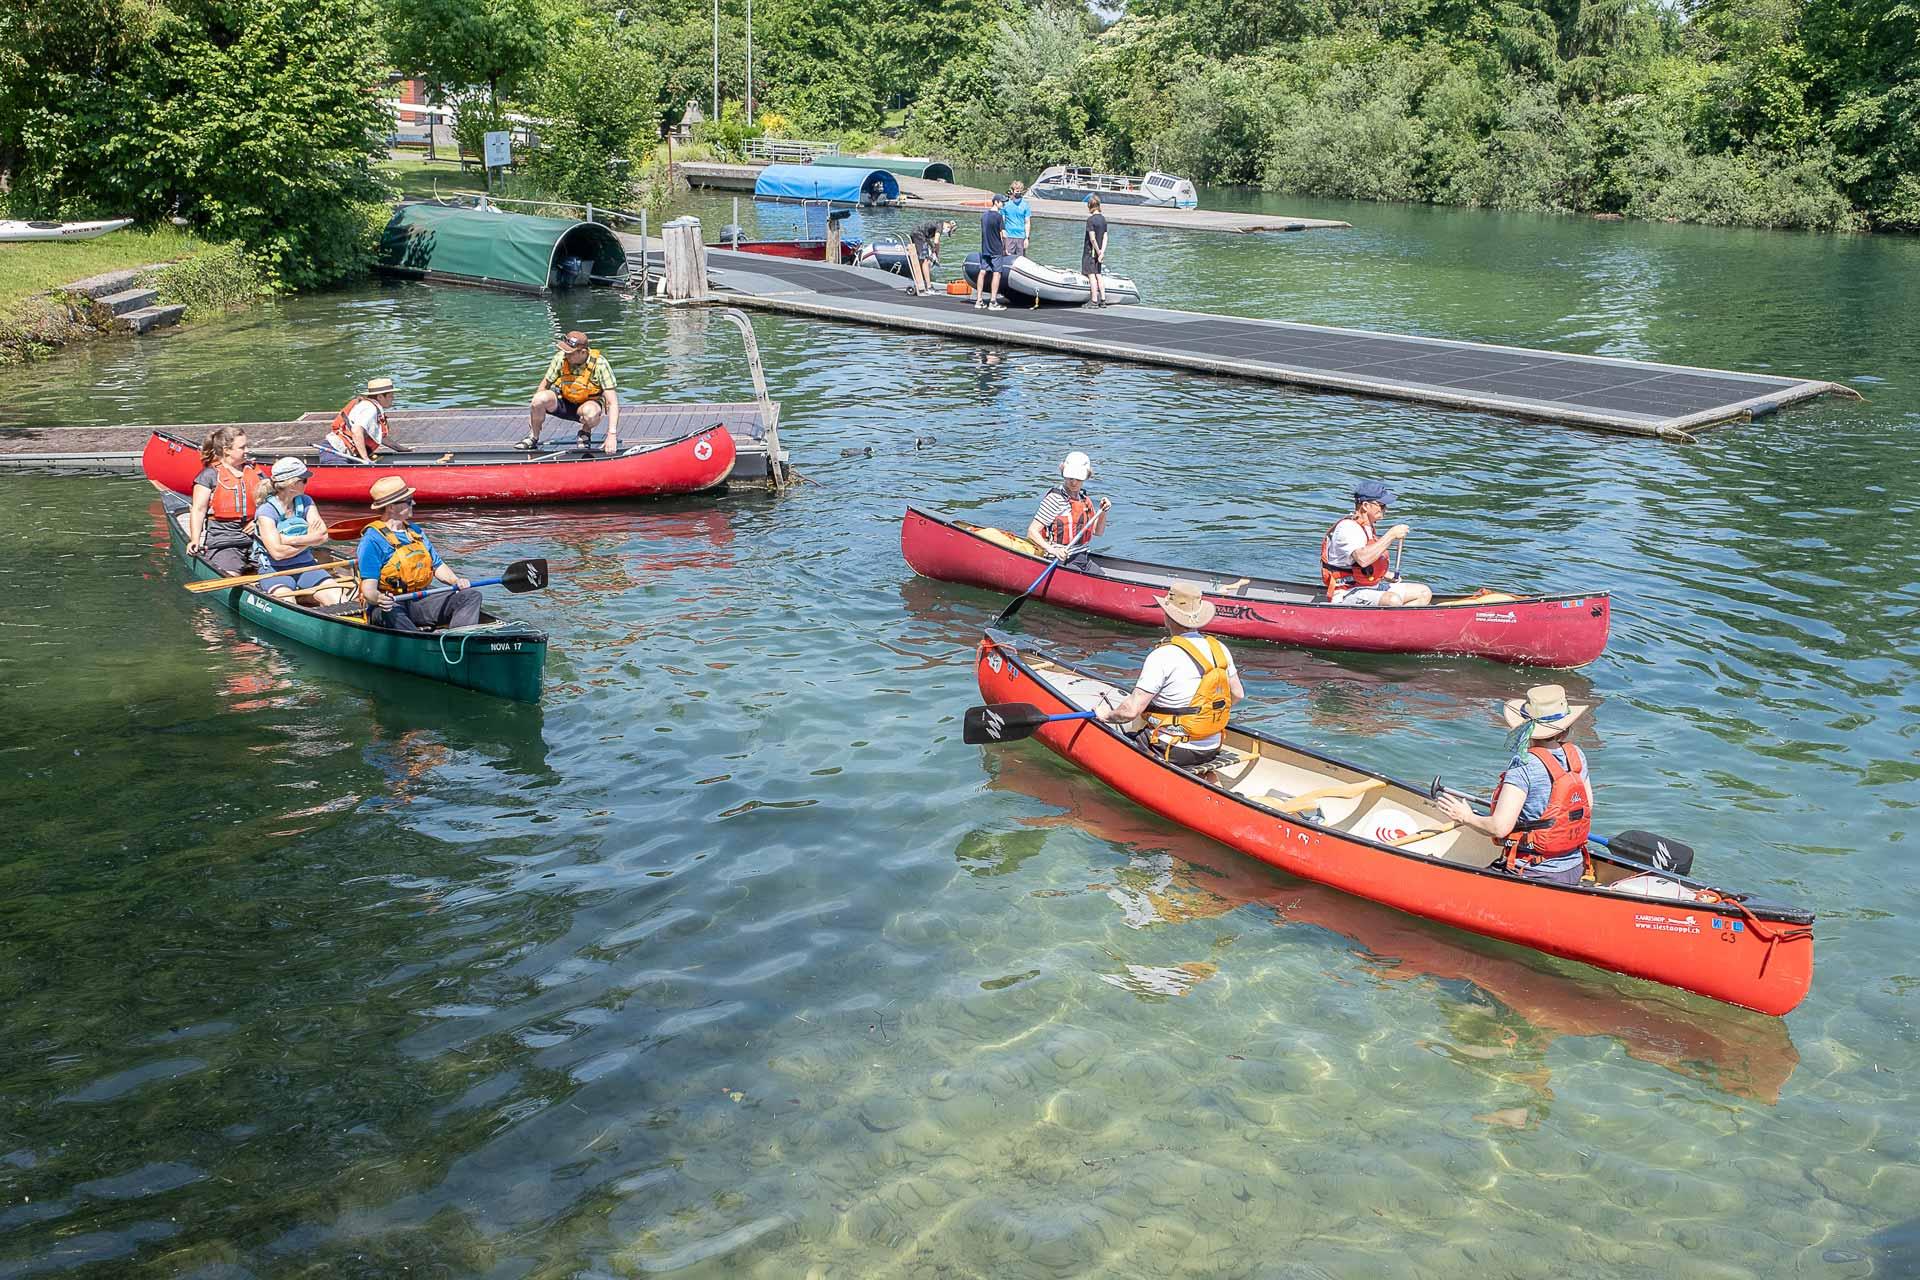 Wer paddelt, wer steuert? Beim Einwassern am «Gemeinsam im Boot»-Tag am Steg des Kanuklubs Luzern. | © 2021 Dominik Thali